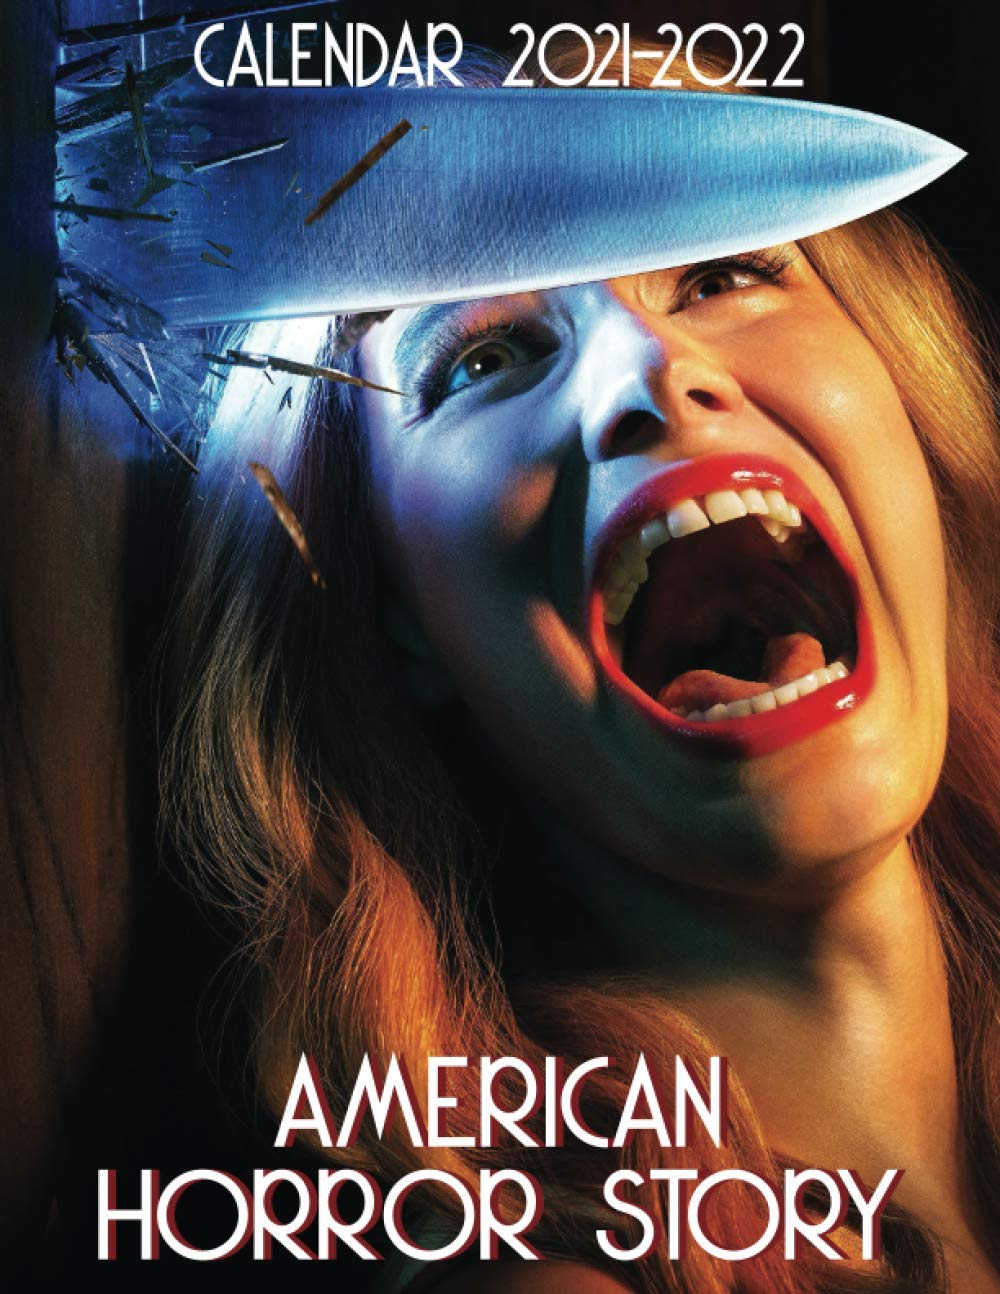 Calendrier Serie Us 2022 Amazon.com: American Horror Story Calendar 2021 2022: Special TV